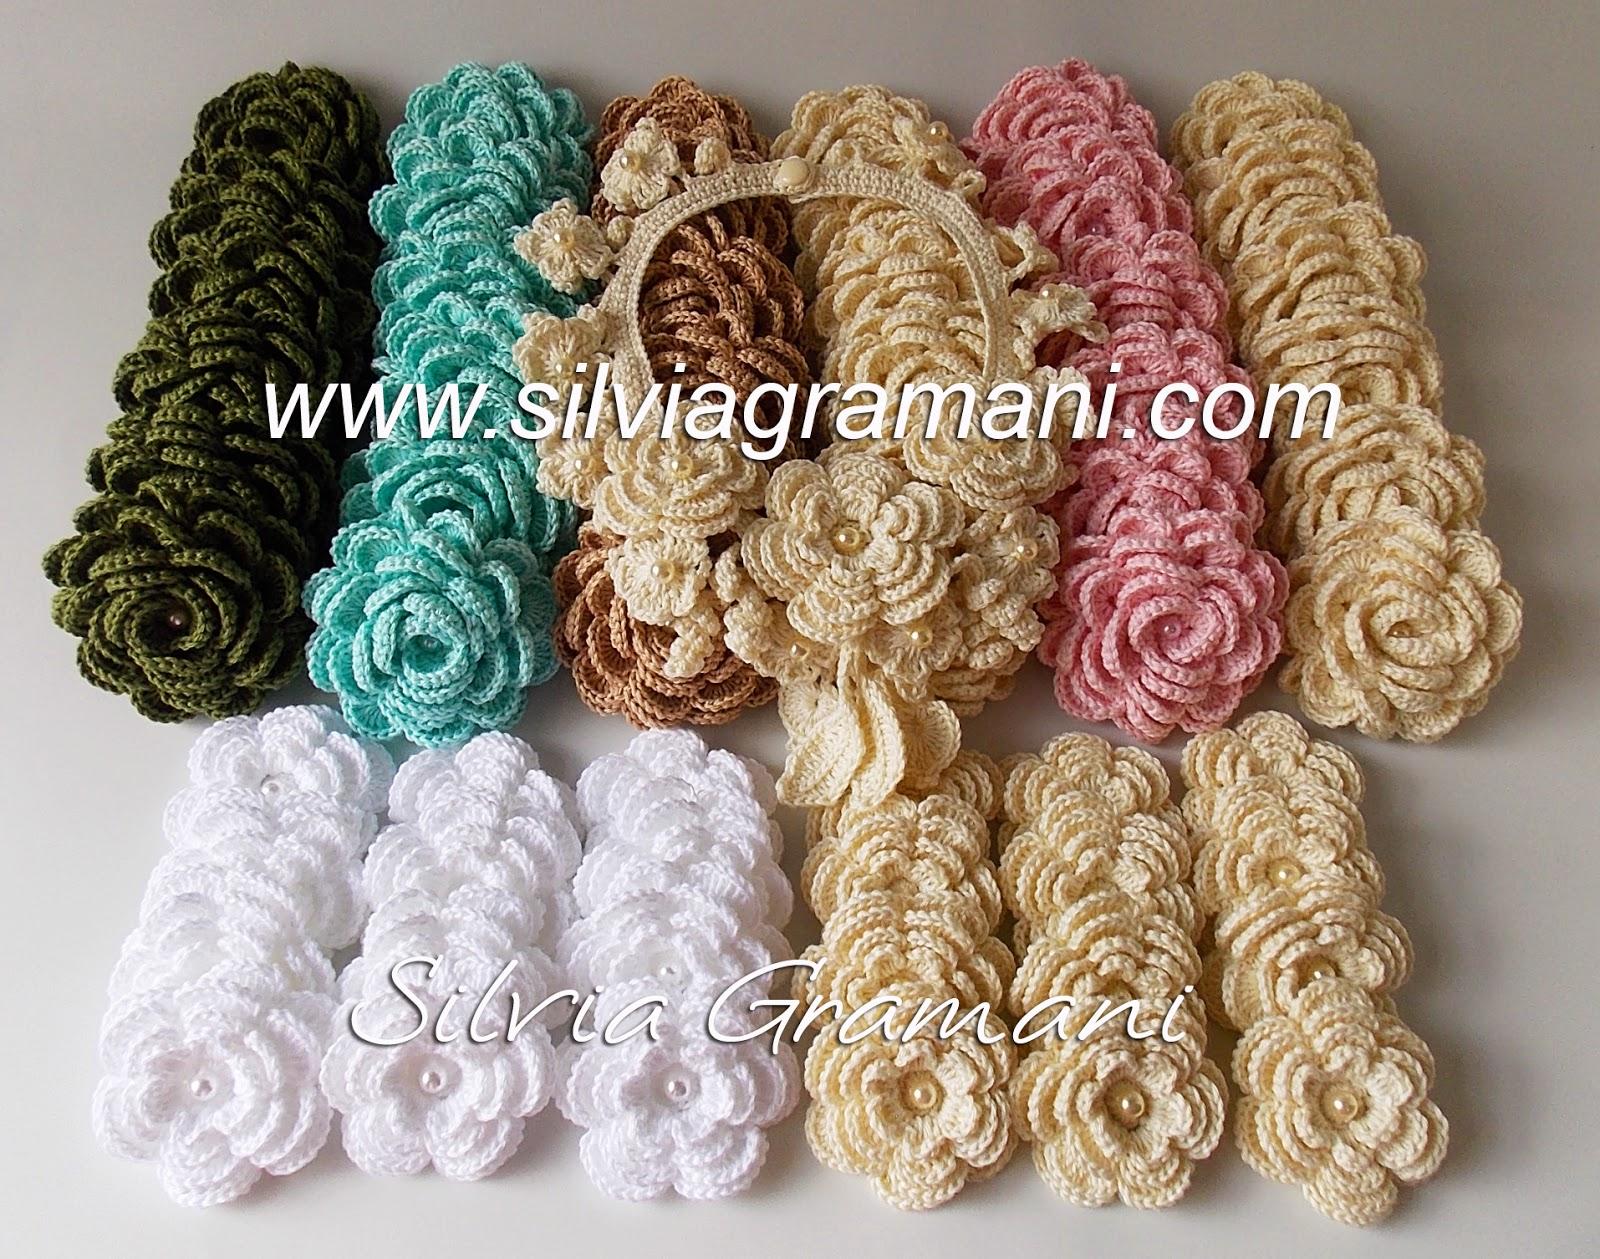 Flores de Crochê e colar de crochê com flores